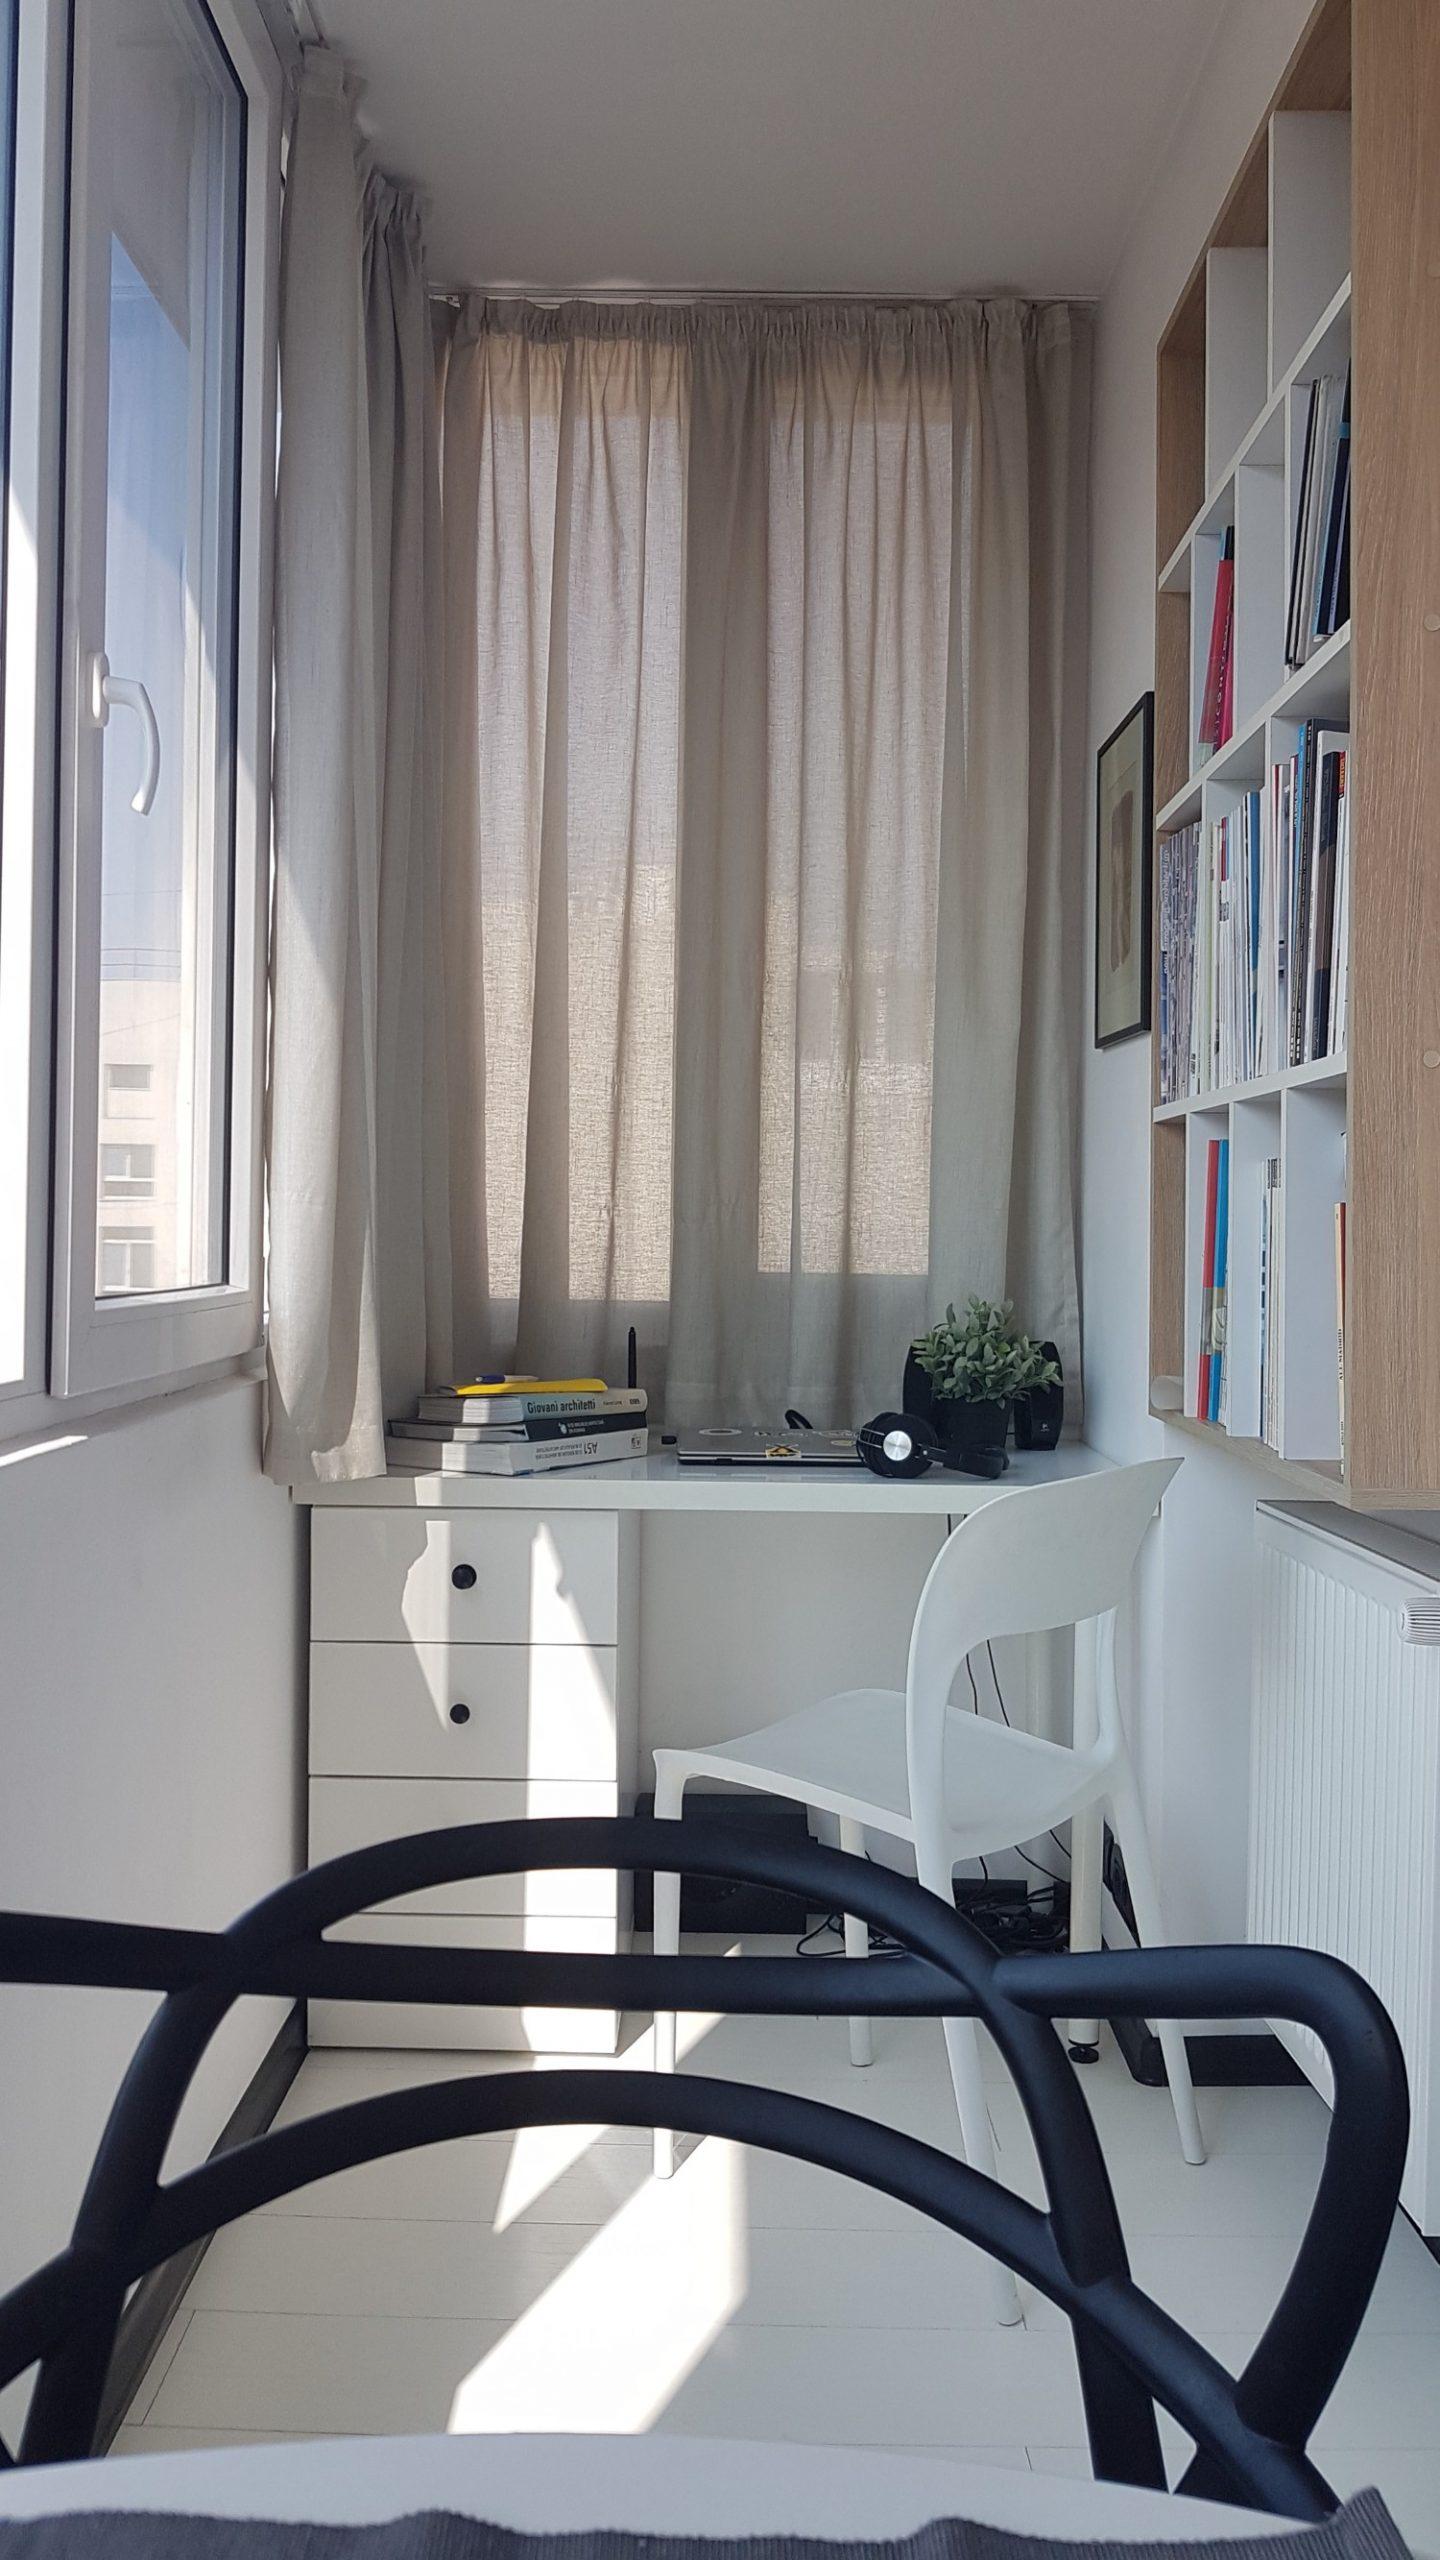 Birou în balcon - arh. Alexandru Călin Space Casuals (1)